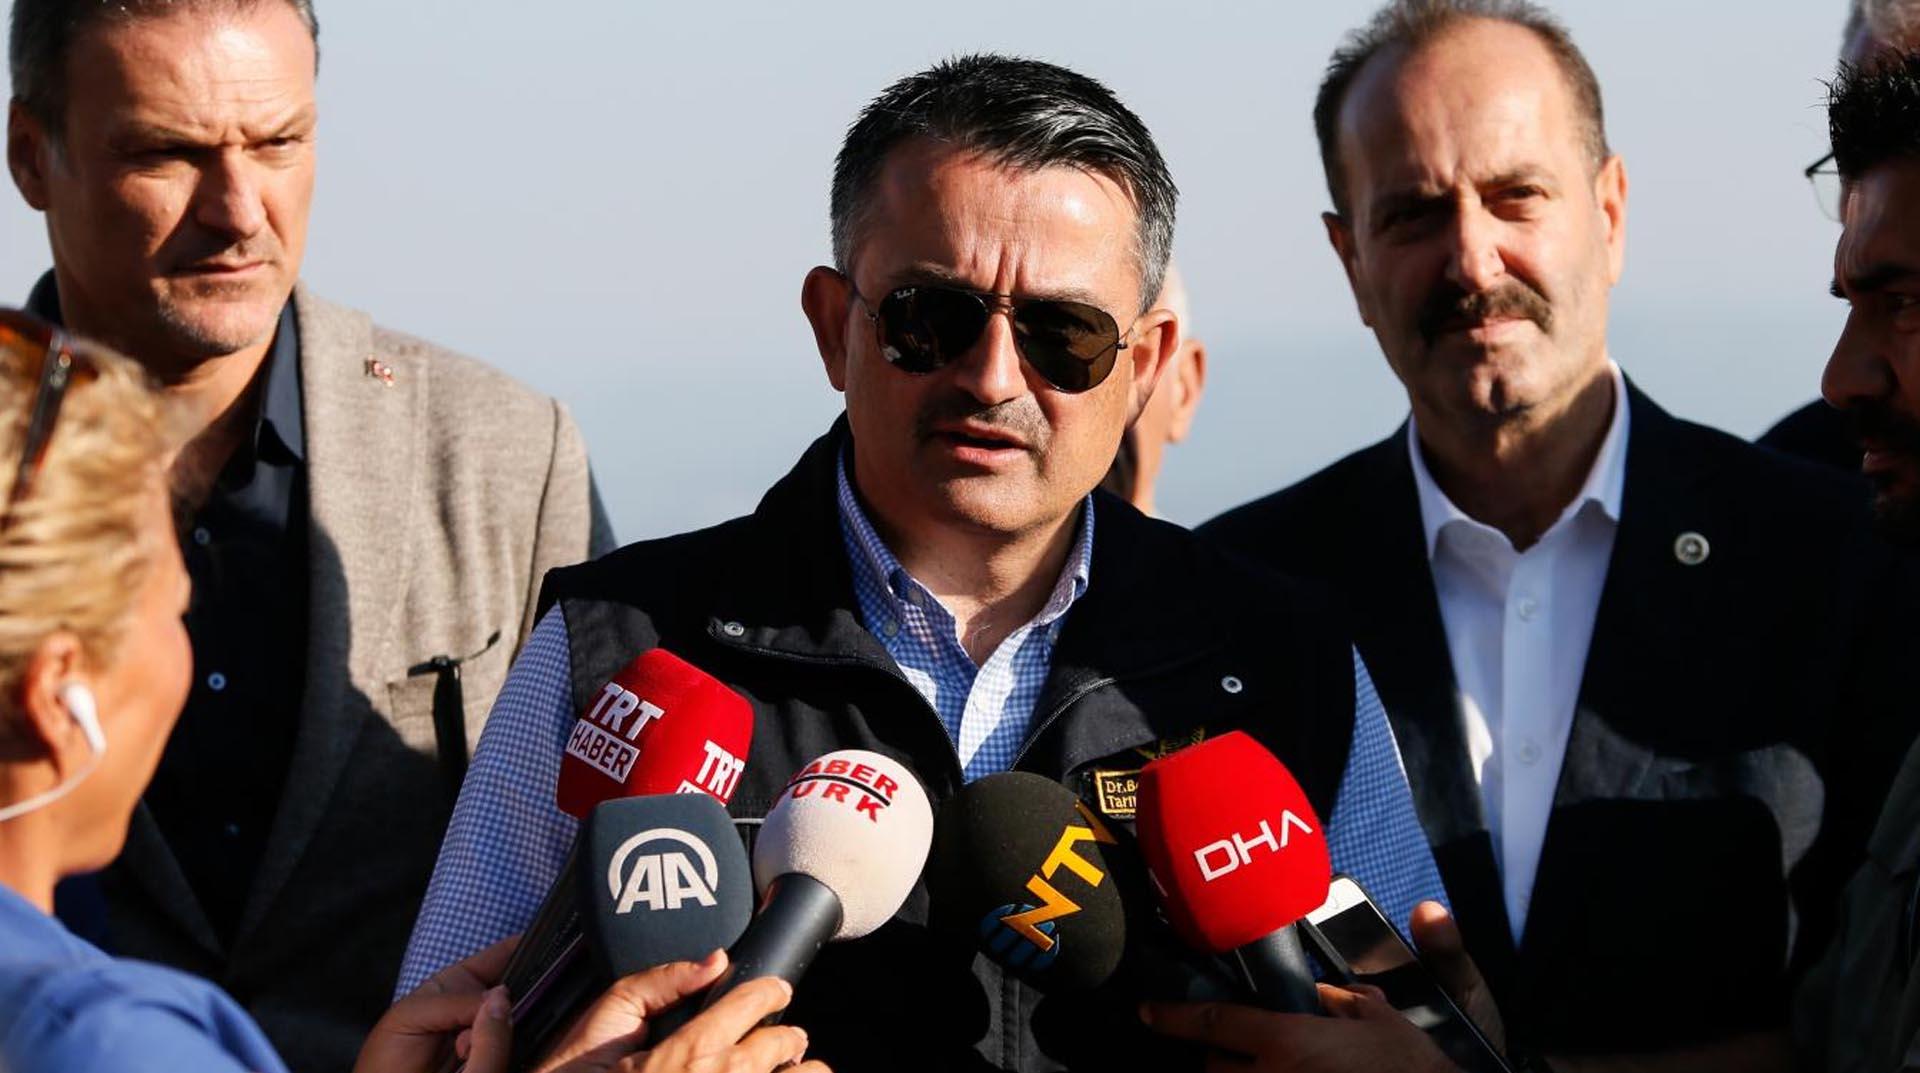 Bakan Pakdemirli: Türk Hava Kurumu siyasetin oyuncağı olmuş, ana muhalefet ile hareket ediyor, uçakların motorları içine kuşlar yuva yapmış